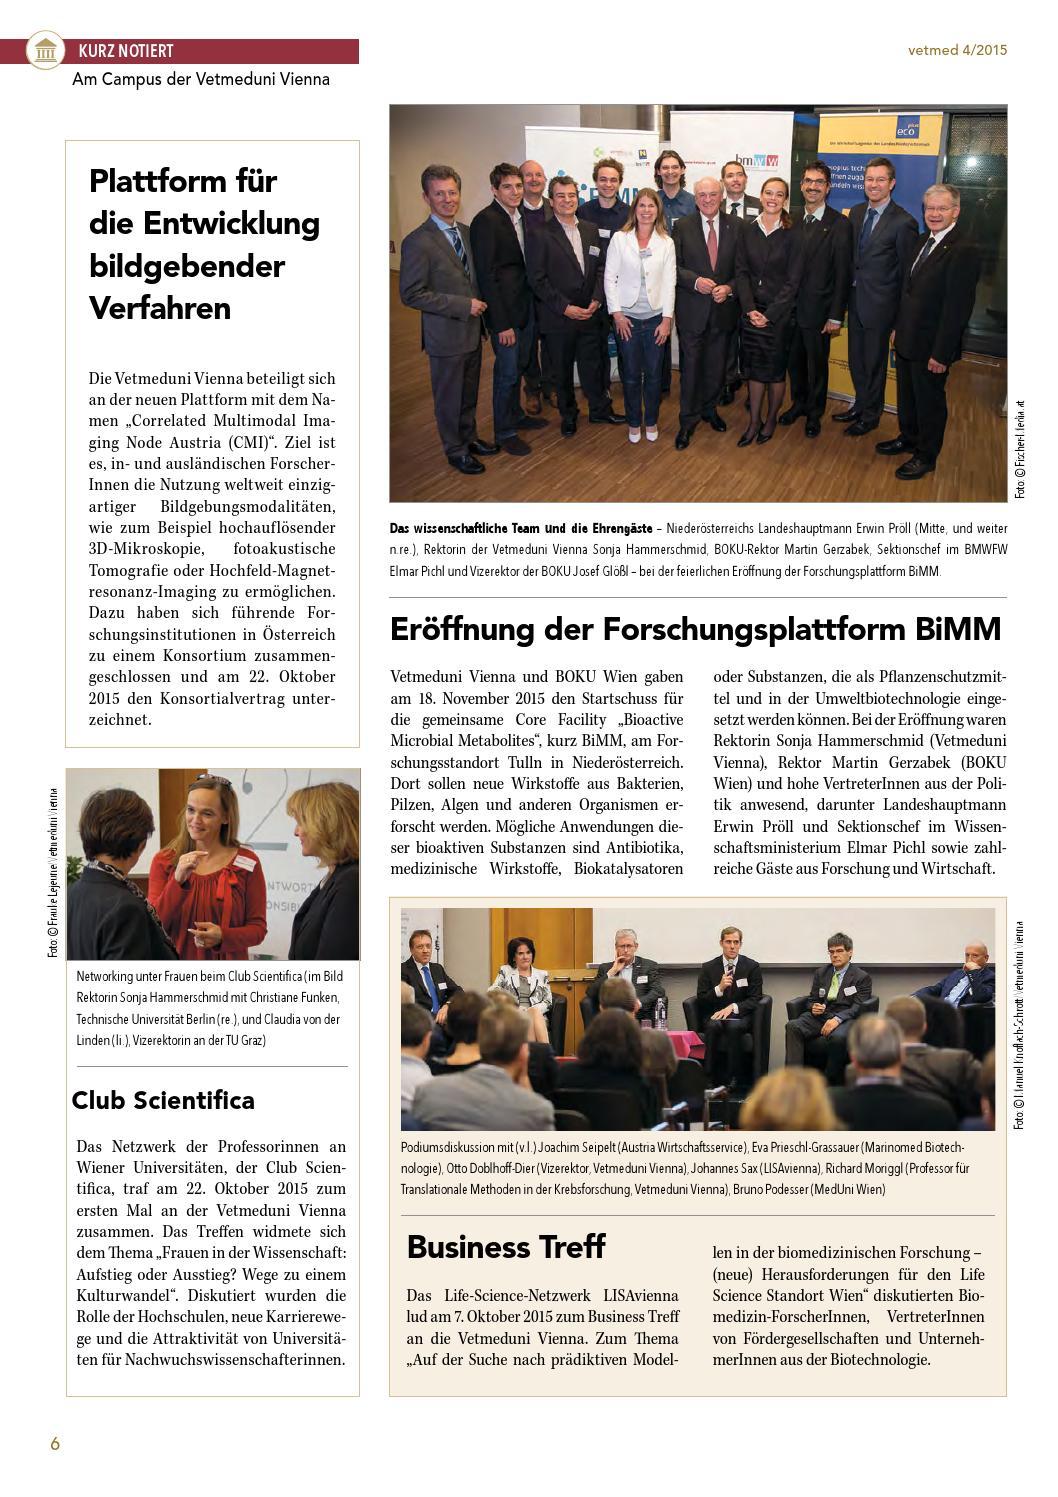 frau sucht mann in Wien - Bekanntschaften - Partnersuche